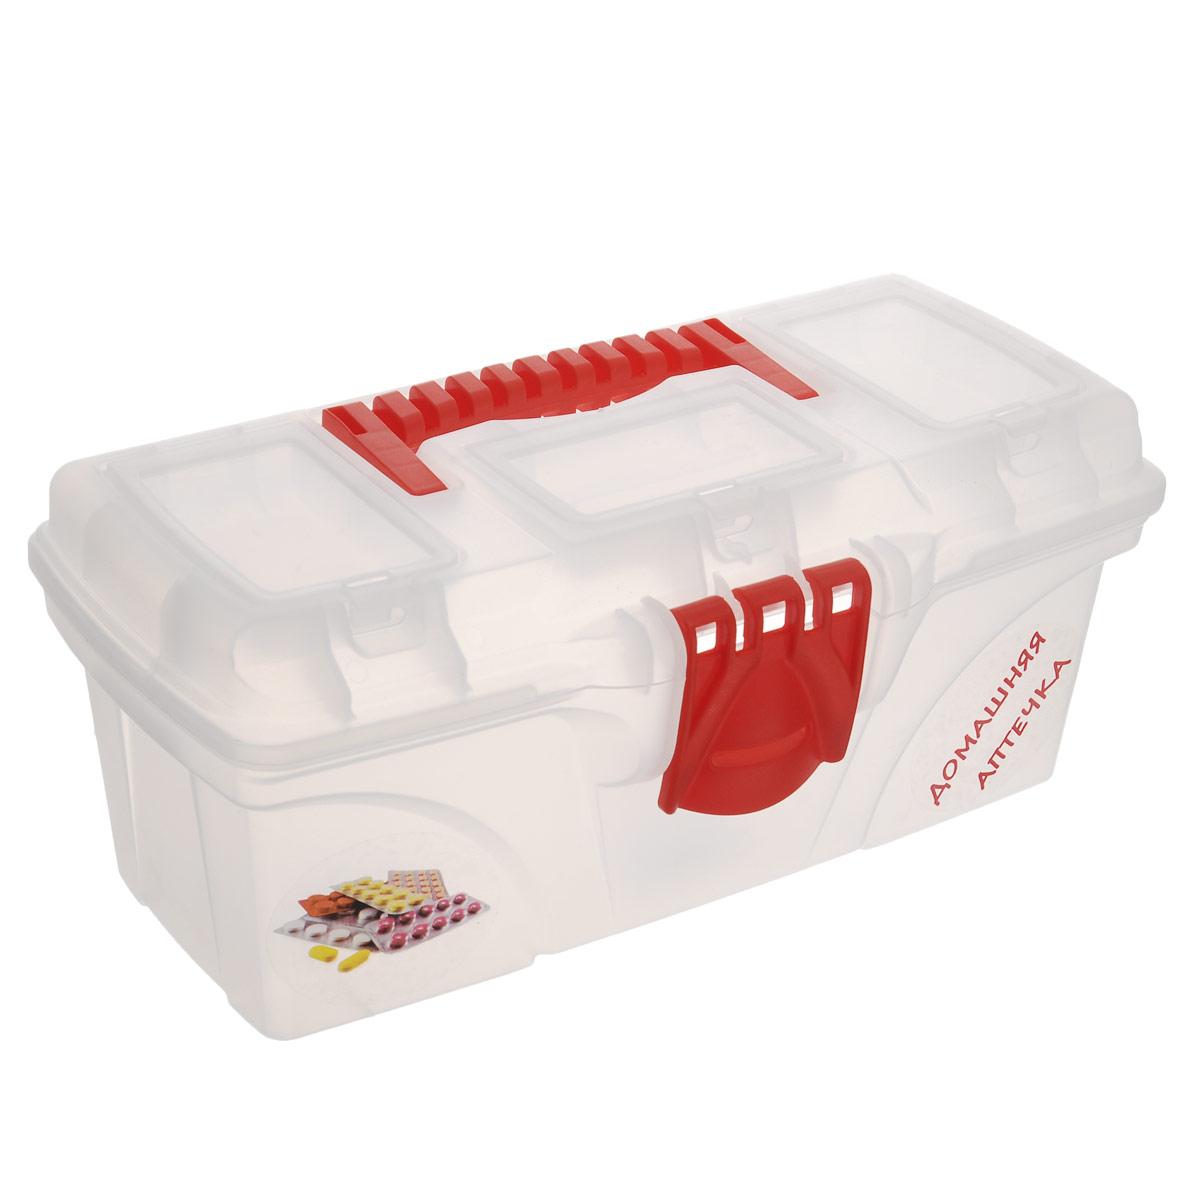 Ящик для лекарств Idea Домашняя аптечка, 32 х 16,5 х 13,5 см41619Ящик Idea Домашняя аптечка изготовлен из прочного пластика и предназначен для хранения и переноски медикаментов. Вместительный, внутри имеет большое главное отделение. Ящик закрывается при помощи защелки, которая не допускают случайного открывания. Крышка ящика оснащена тремя прозрачными органайзерами, которые закрываются на защелку. Для более комфортного переноса в руках, на крышке предусмотрена удобная ручка. Ящик Idea Домашняя аптечка поможет вам хранить все лекарства в одном месте.